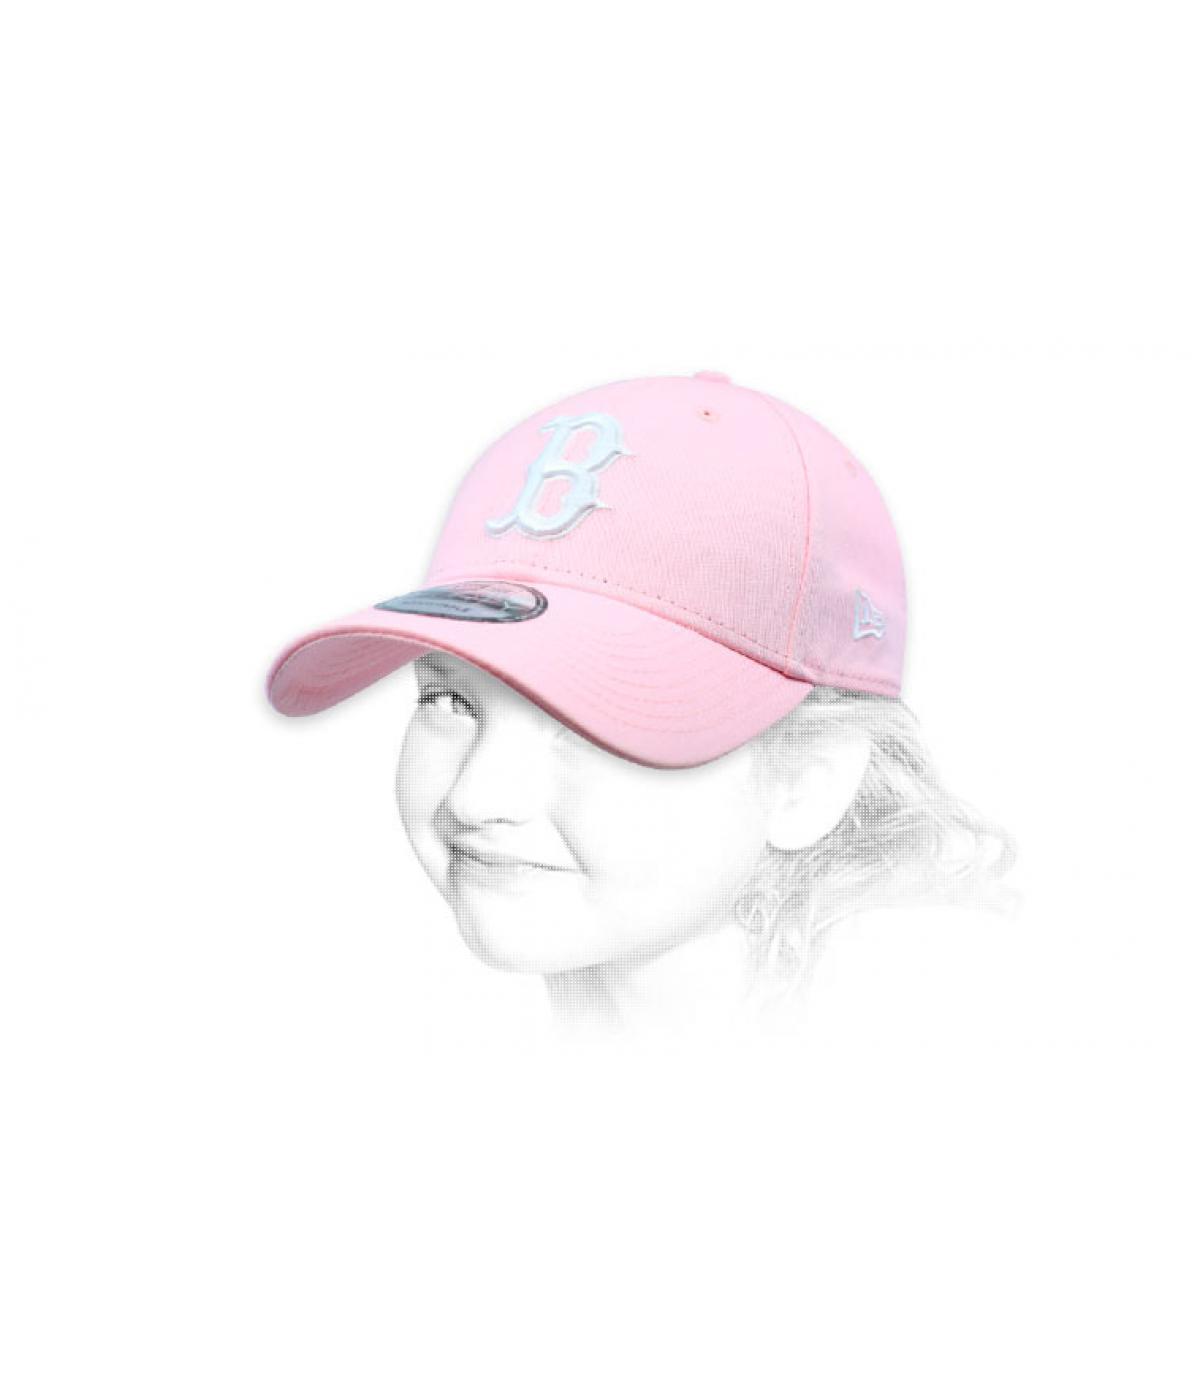 Kinder Cap B rosa